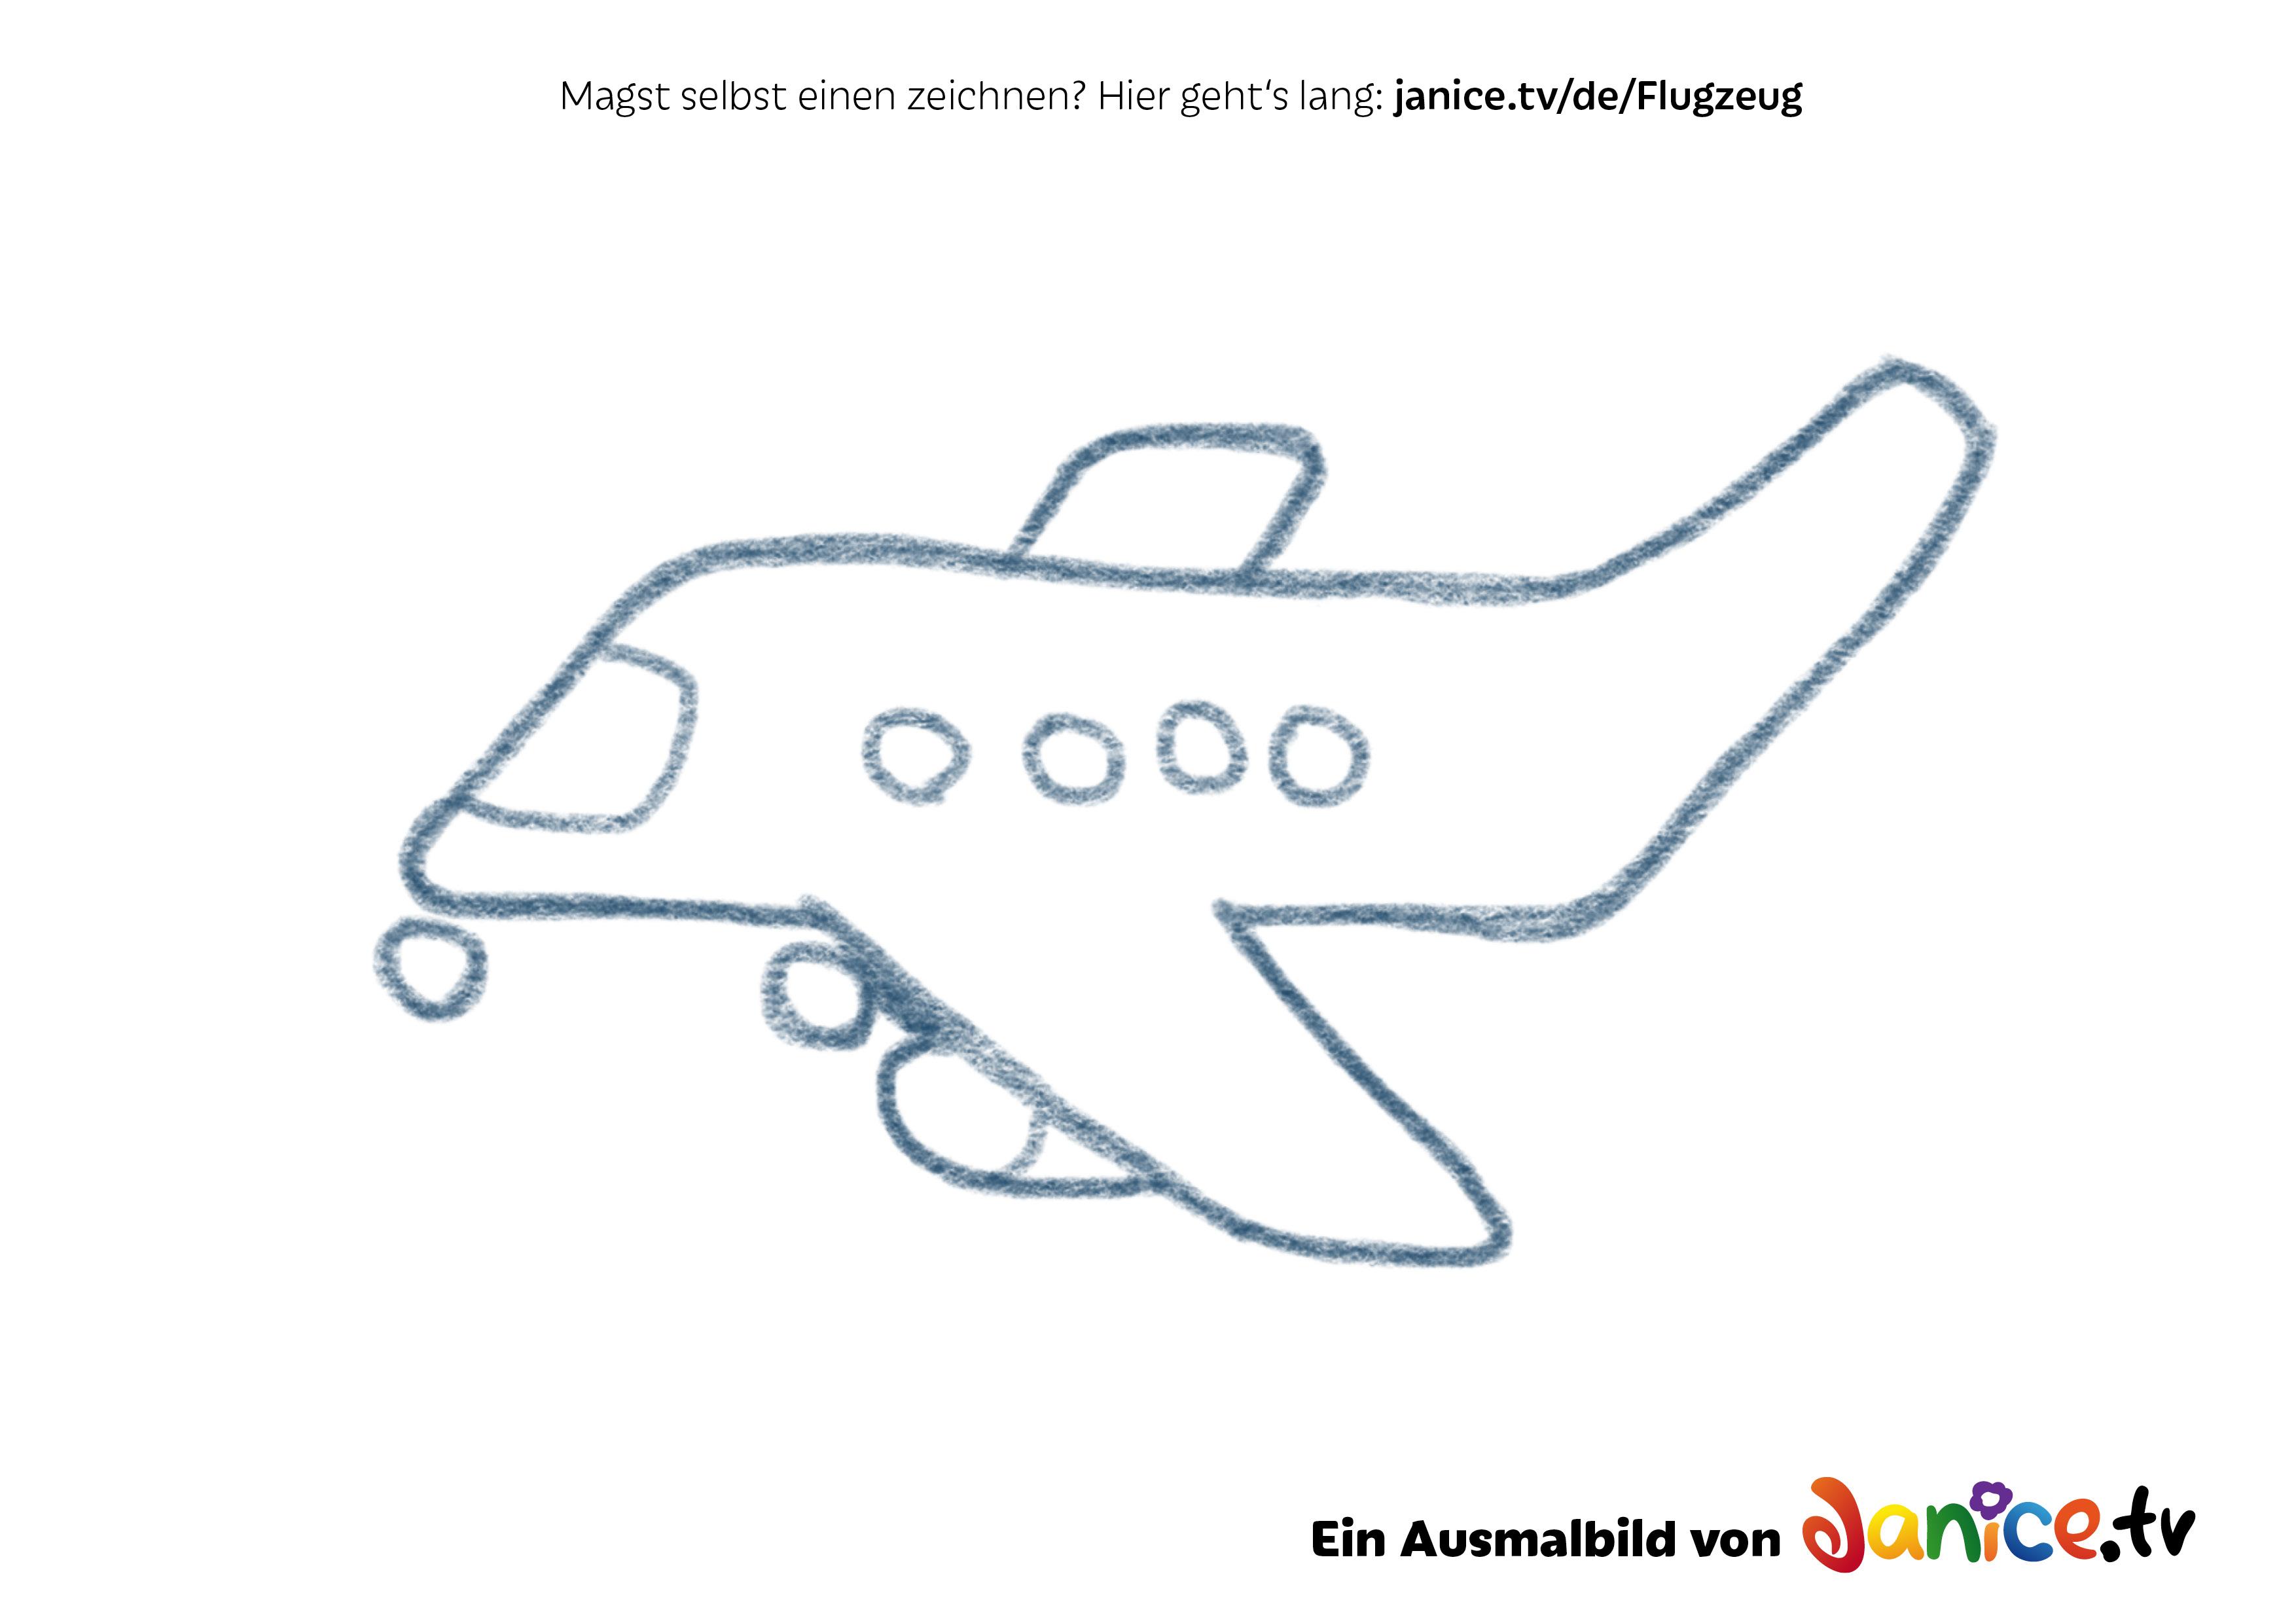 Ausmalbild Flugzeug